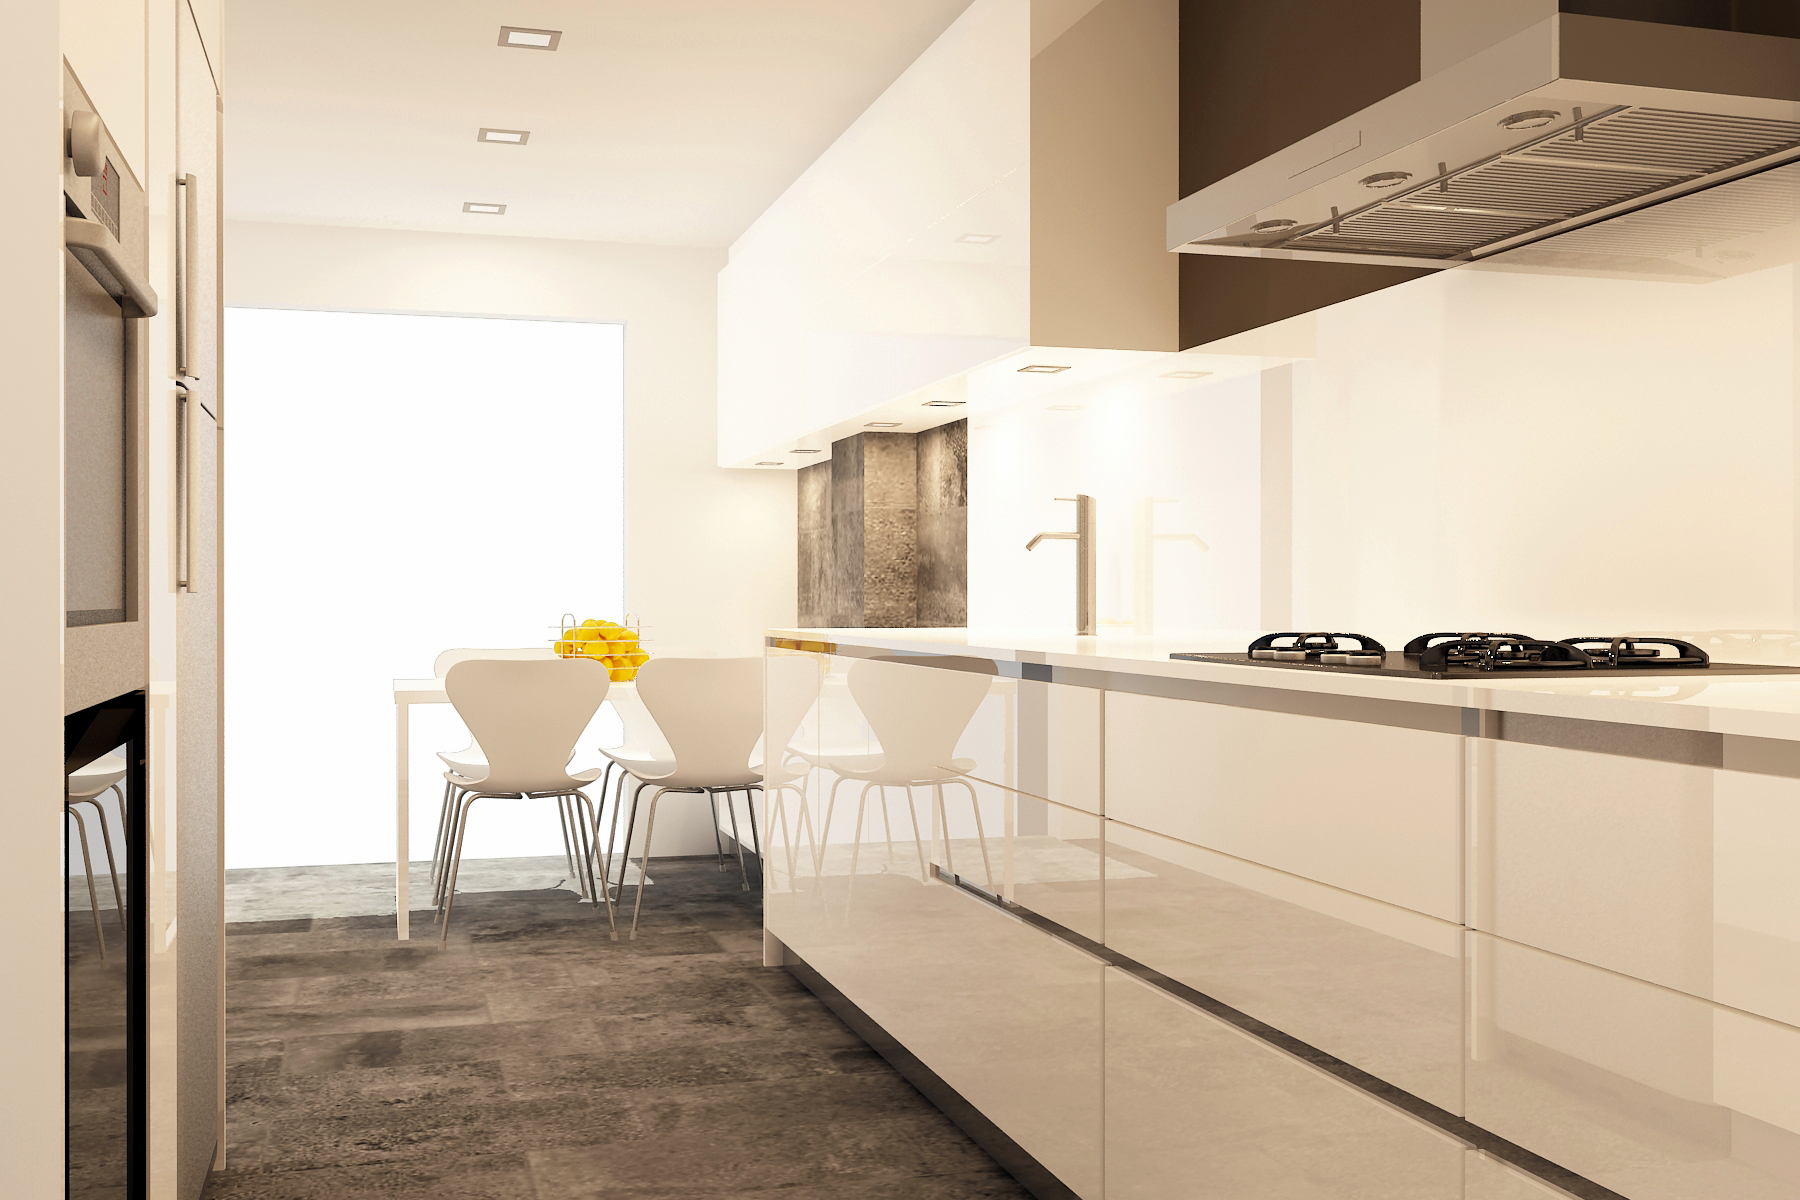 REFORMES INTEGRALS ANDORRA Reformes integrals d'habitatges. Serveis de disseny de mobiliari i d'interiors. Fem reformes de banys, dissenys des dels clàssics fins a les últimes tendències en banys. Serralleria, Pintura, Fusteria, Il·luminació, Banys, Cuines i Electrodomèstics. REFORMES INTEGRALS ANDORRA reformes Integrals, construccions i manteniments d'habitatges, locals, cuines, banys, etc., Treballs de reformes integrals. Reformes de cuines, reformes de banys, reformes integrals, reformas de cocinas, reformas de baños, reformas integrales, muebles cocina, muebles cocina, mobiliari a mida. Especialistes Serveis d'interiorisme a Andorra. Projectes residencials i comercials dirigits als dos segments: particular i empreses. Encuentra los mejores Profesionales y Empresas de Reformas en Andorra